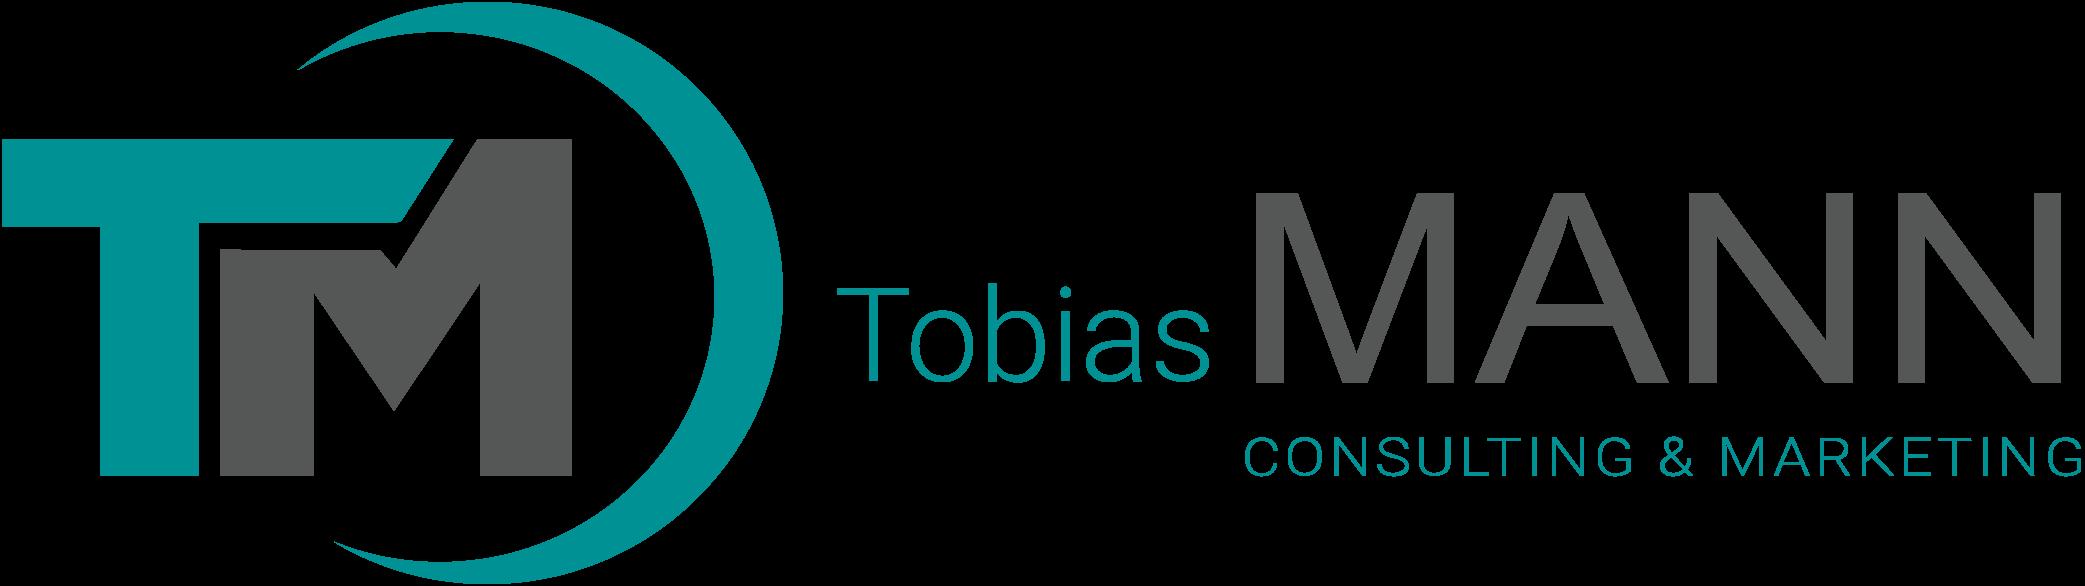 Tobias Mann Media